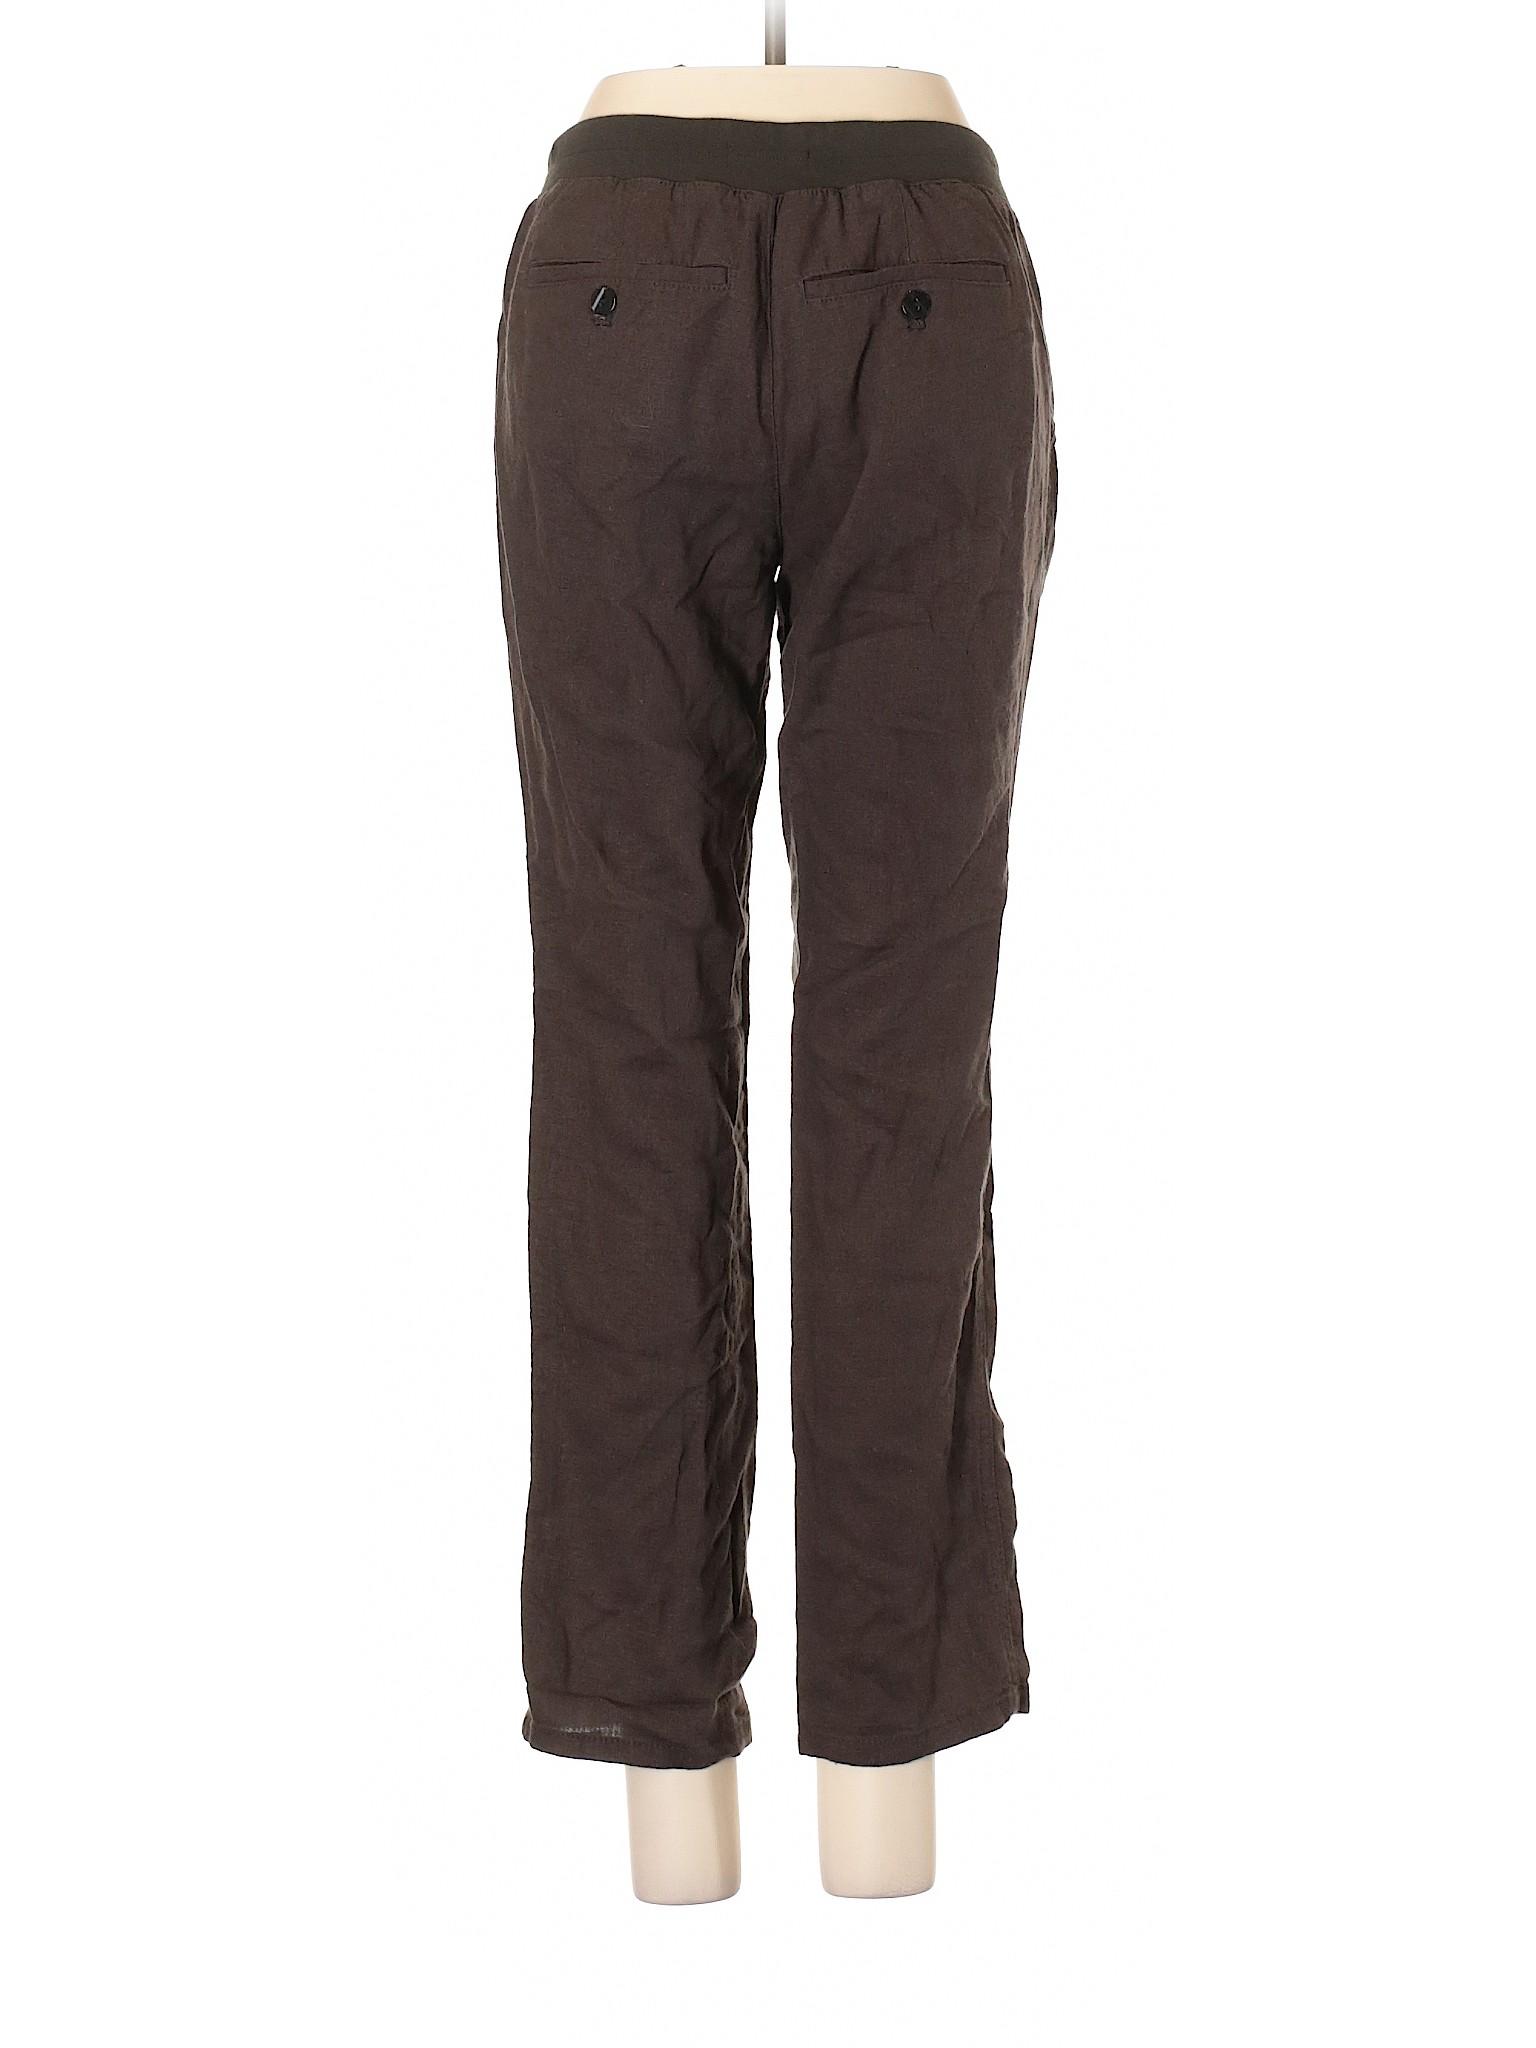 Outlet winter Pants Leisure Gap Linen qfHw0AP